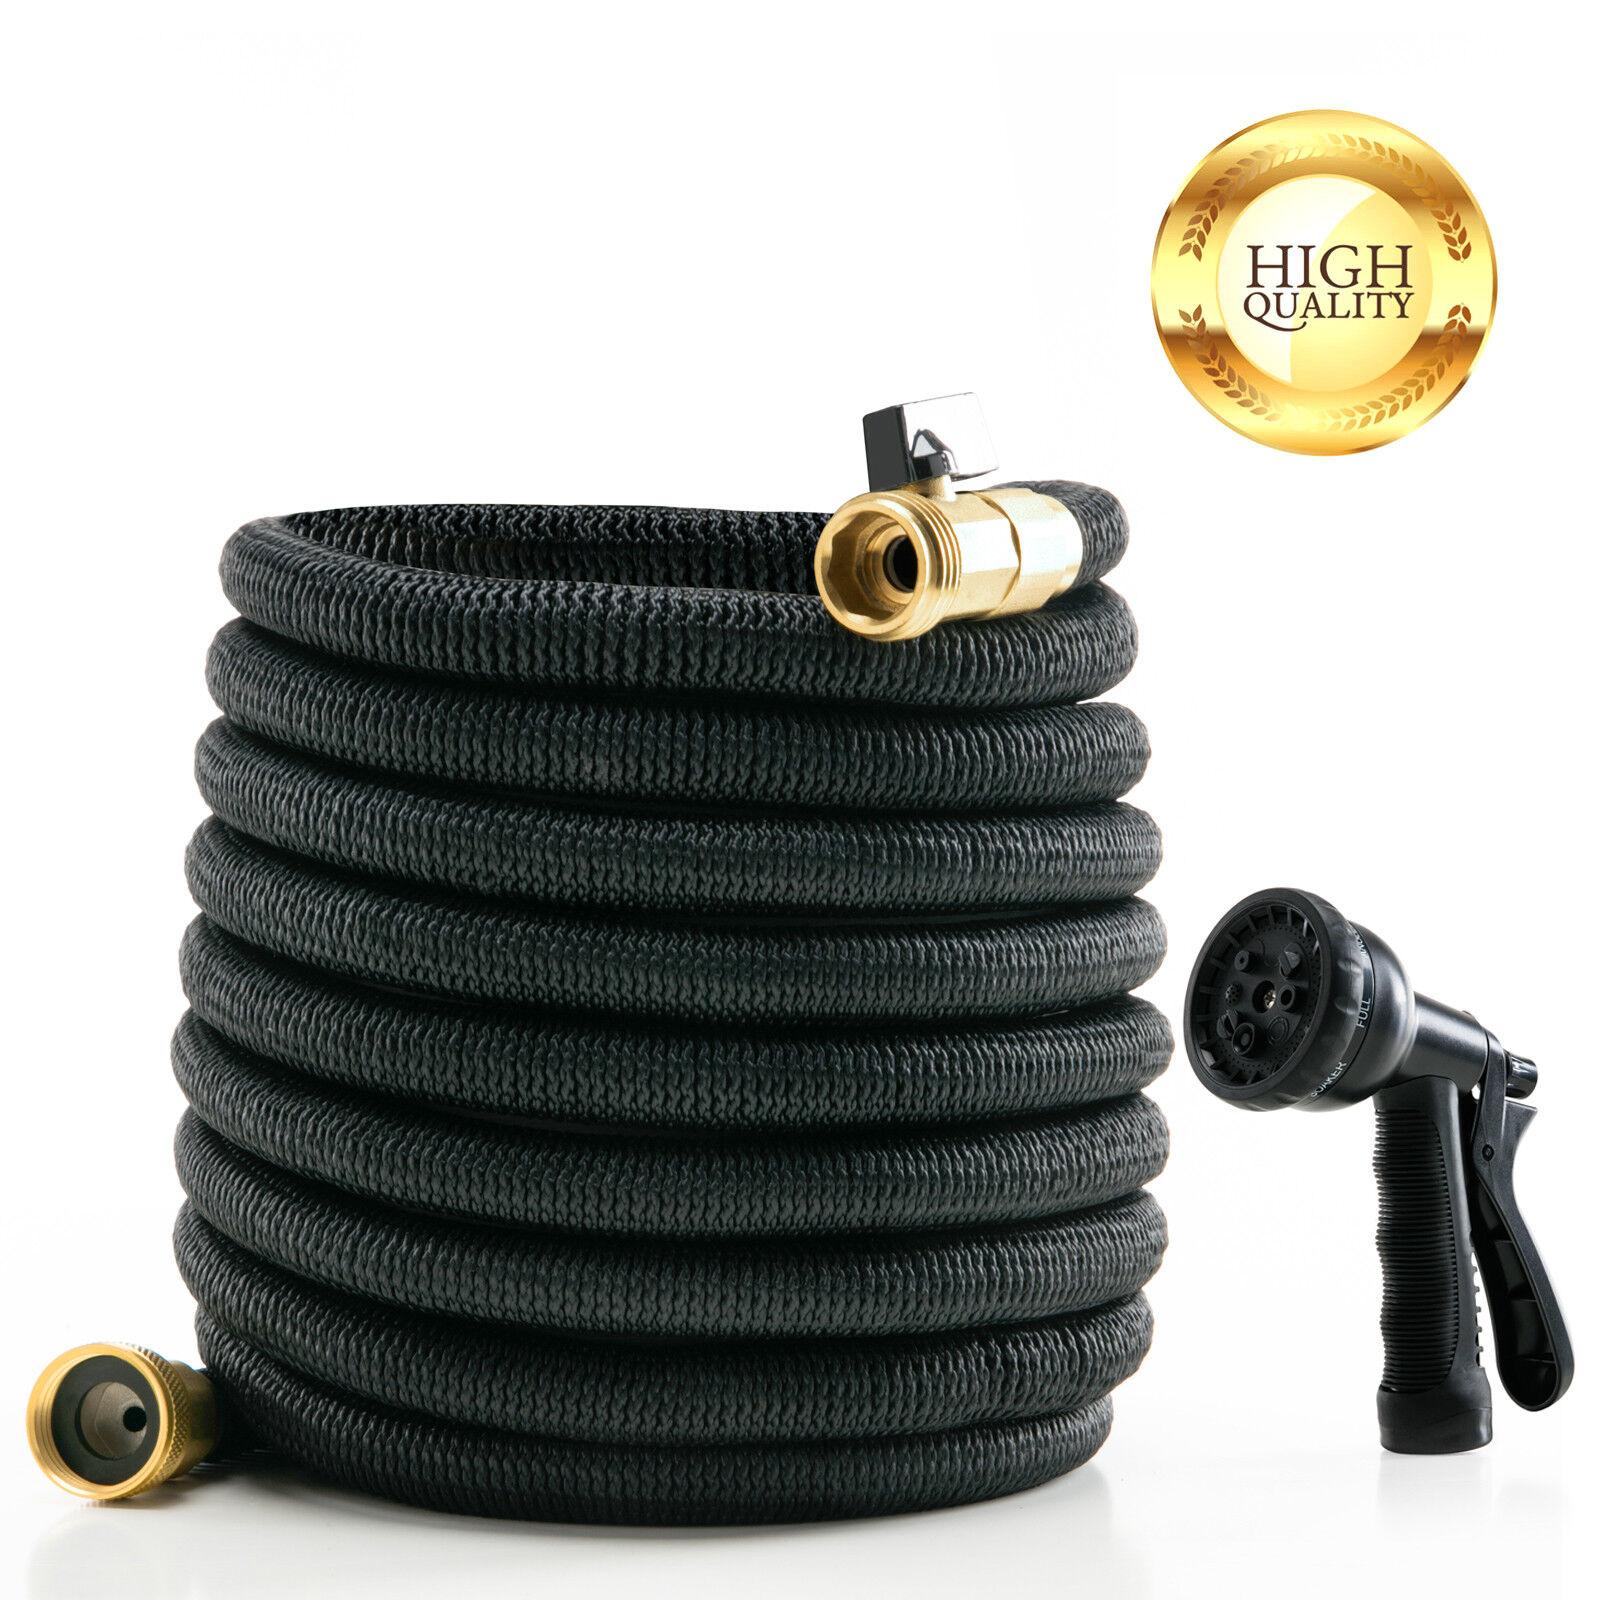 Deluxe Expandable Flexible Garden Water Hose Spray Nozzle 100 Ft - $0.99